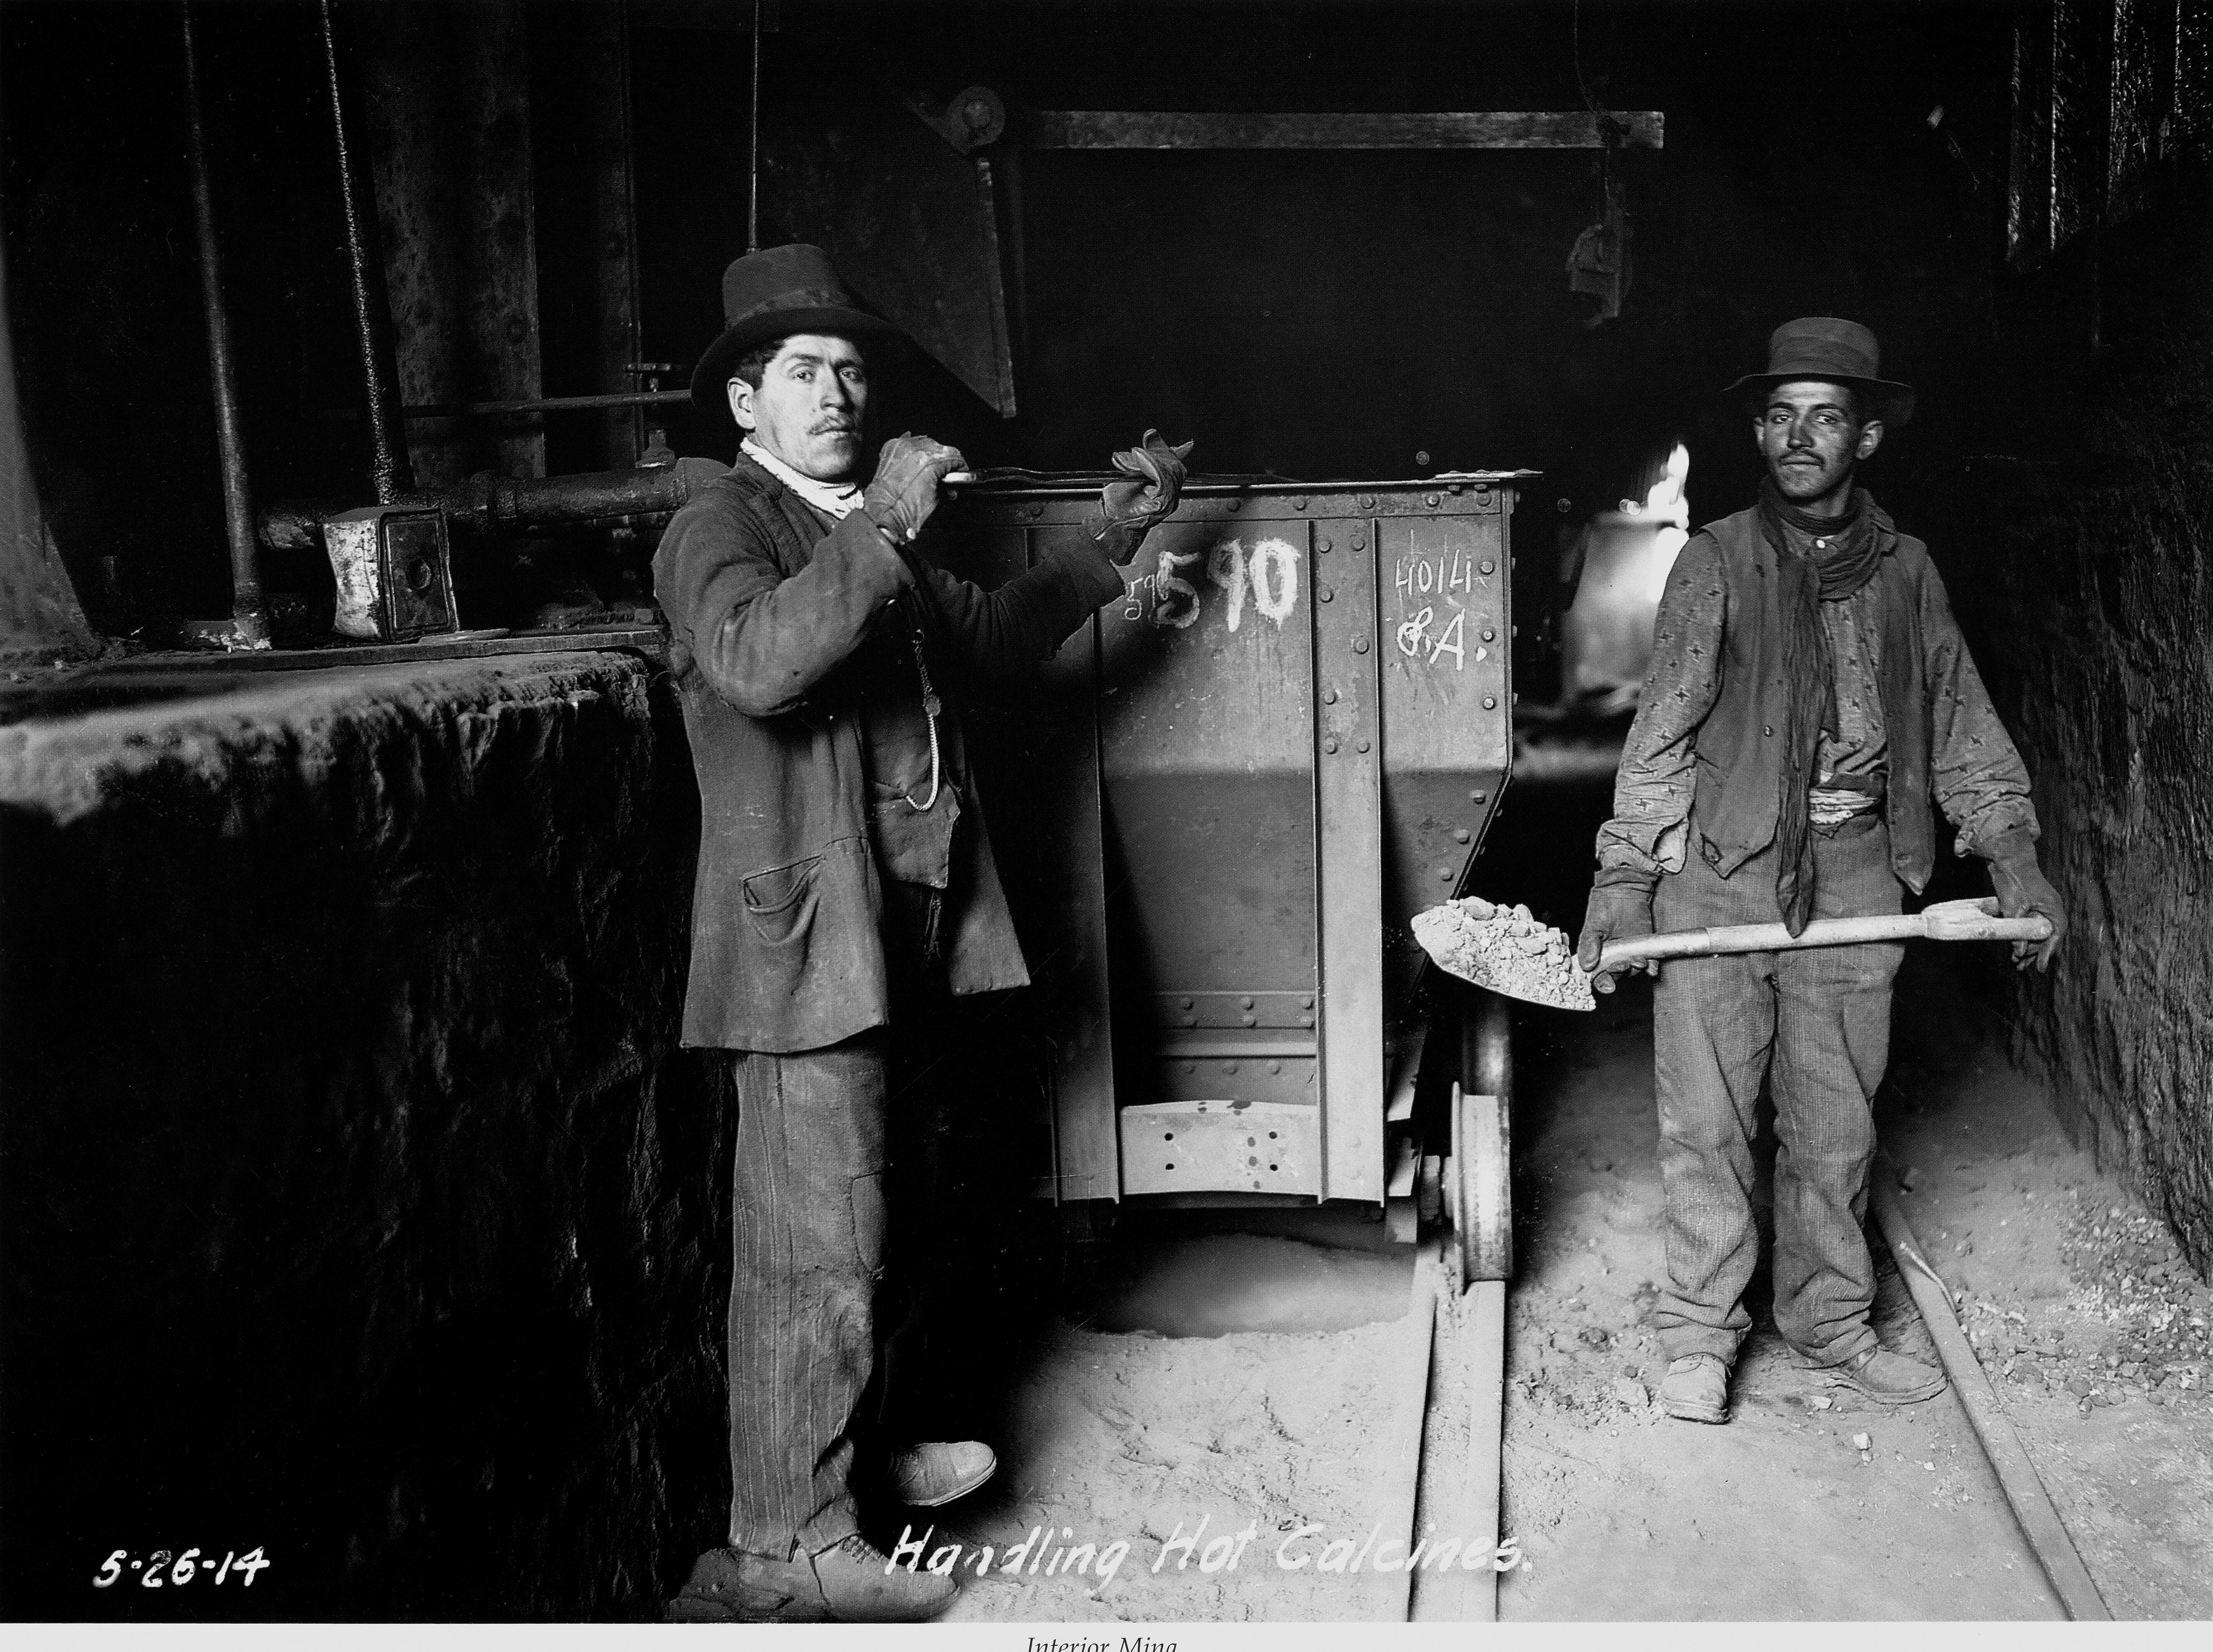 Enterreno - Fotos históricas de chile - fotos antiguas de Chile - Interior Mina el Teniente, Sewell, 1914